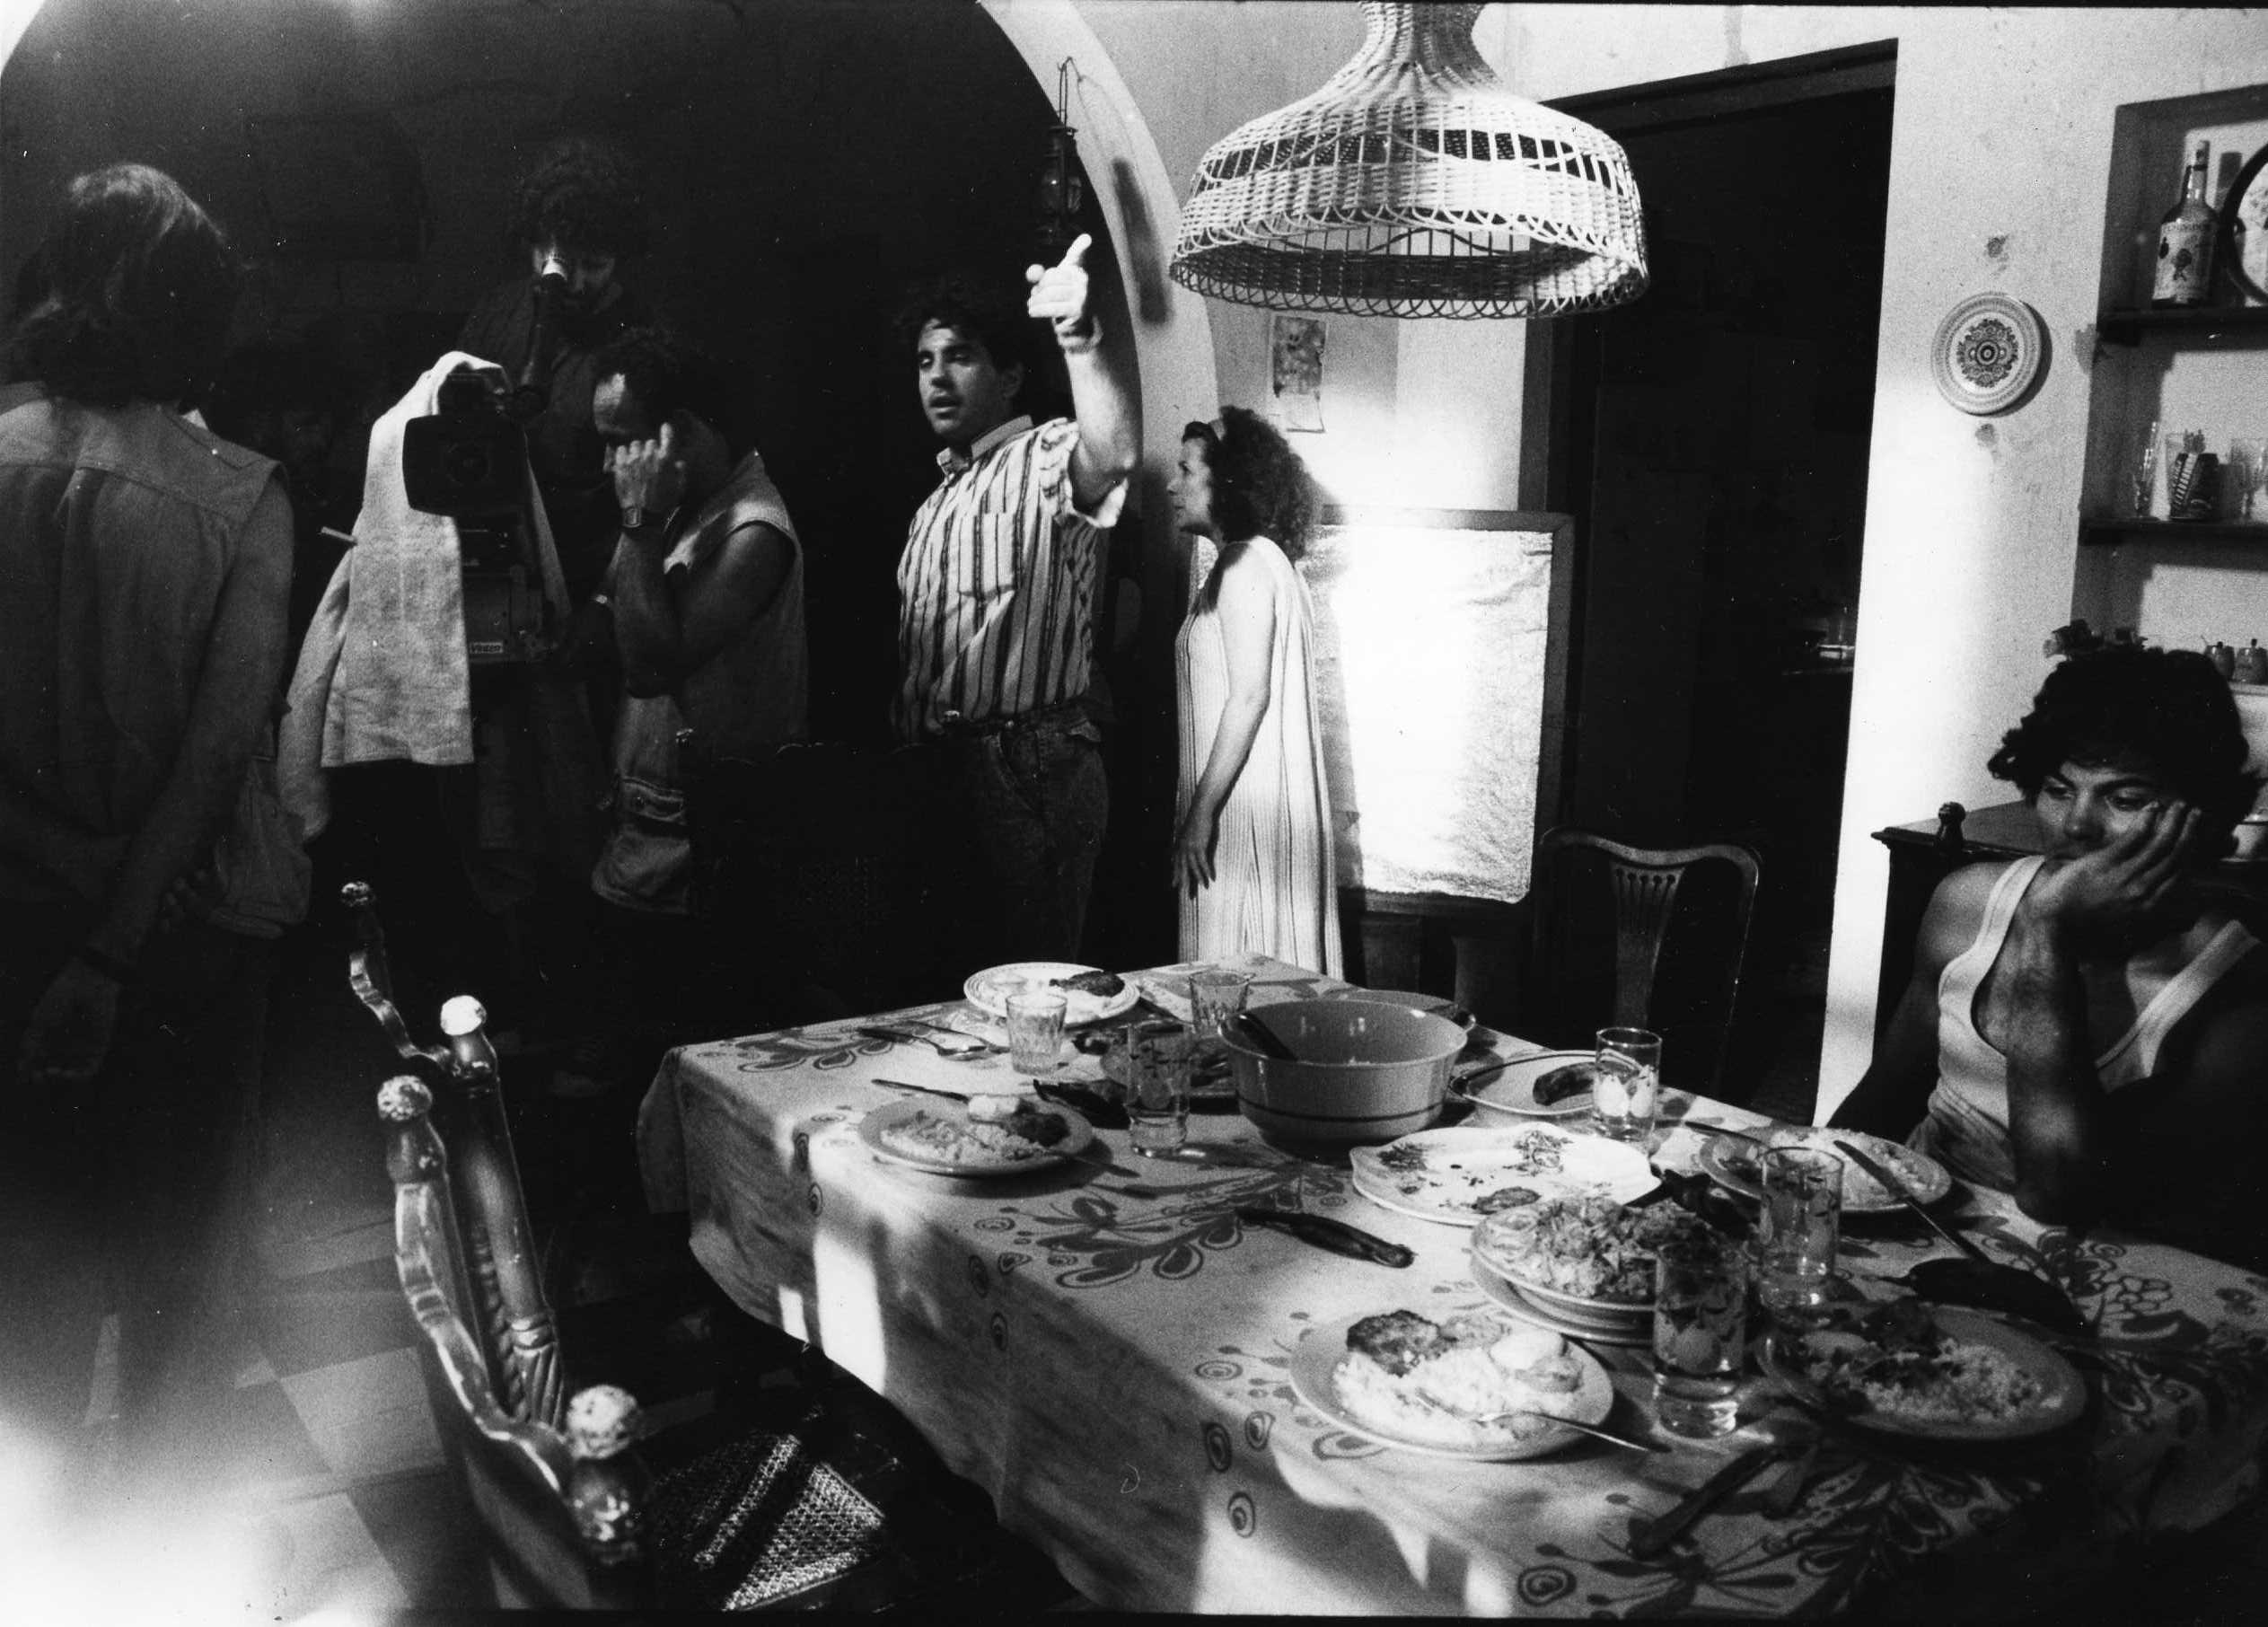 Francisco Gattorno, Coralia Veloz, and Emilio Oscar Alcalde in El Encanto del Regreso (1991)